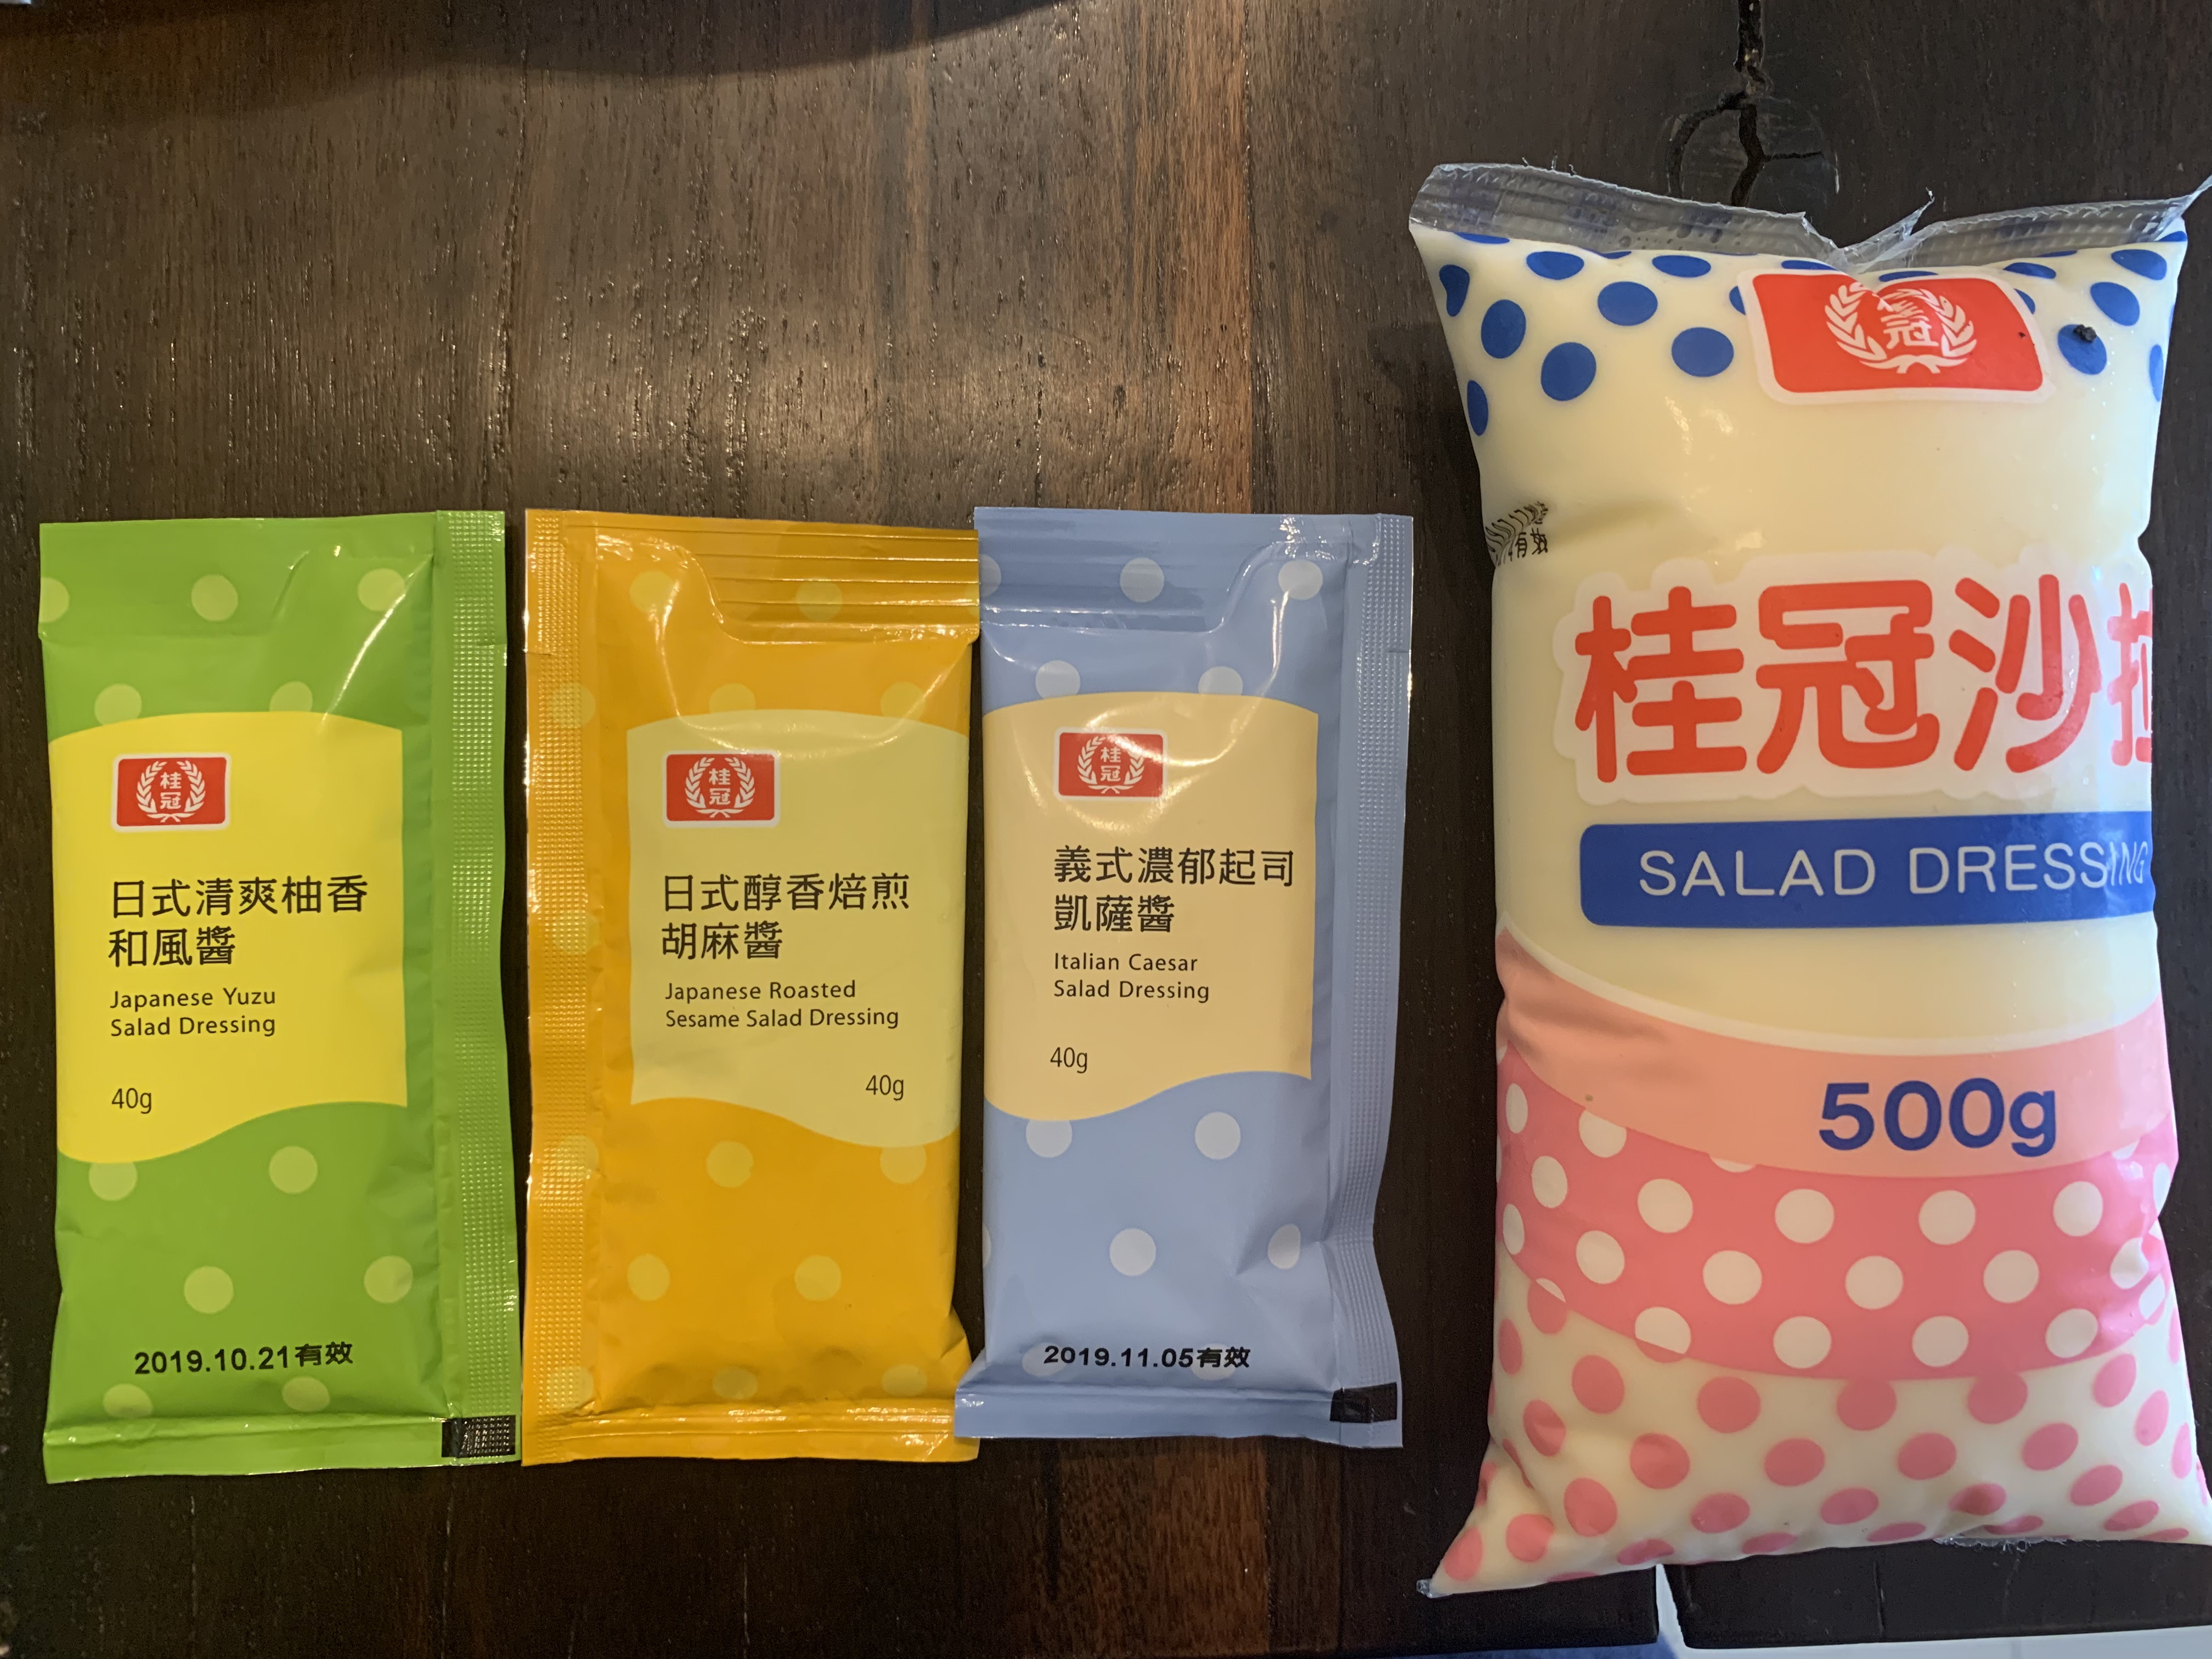 【桂冠風味沙拉】塑身低脂低卡低熱量-雞胸肉佐杏鮑菇溫沙拉的第 1 張圖片